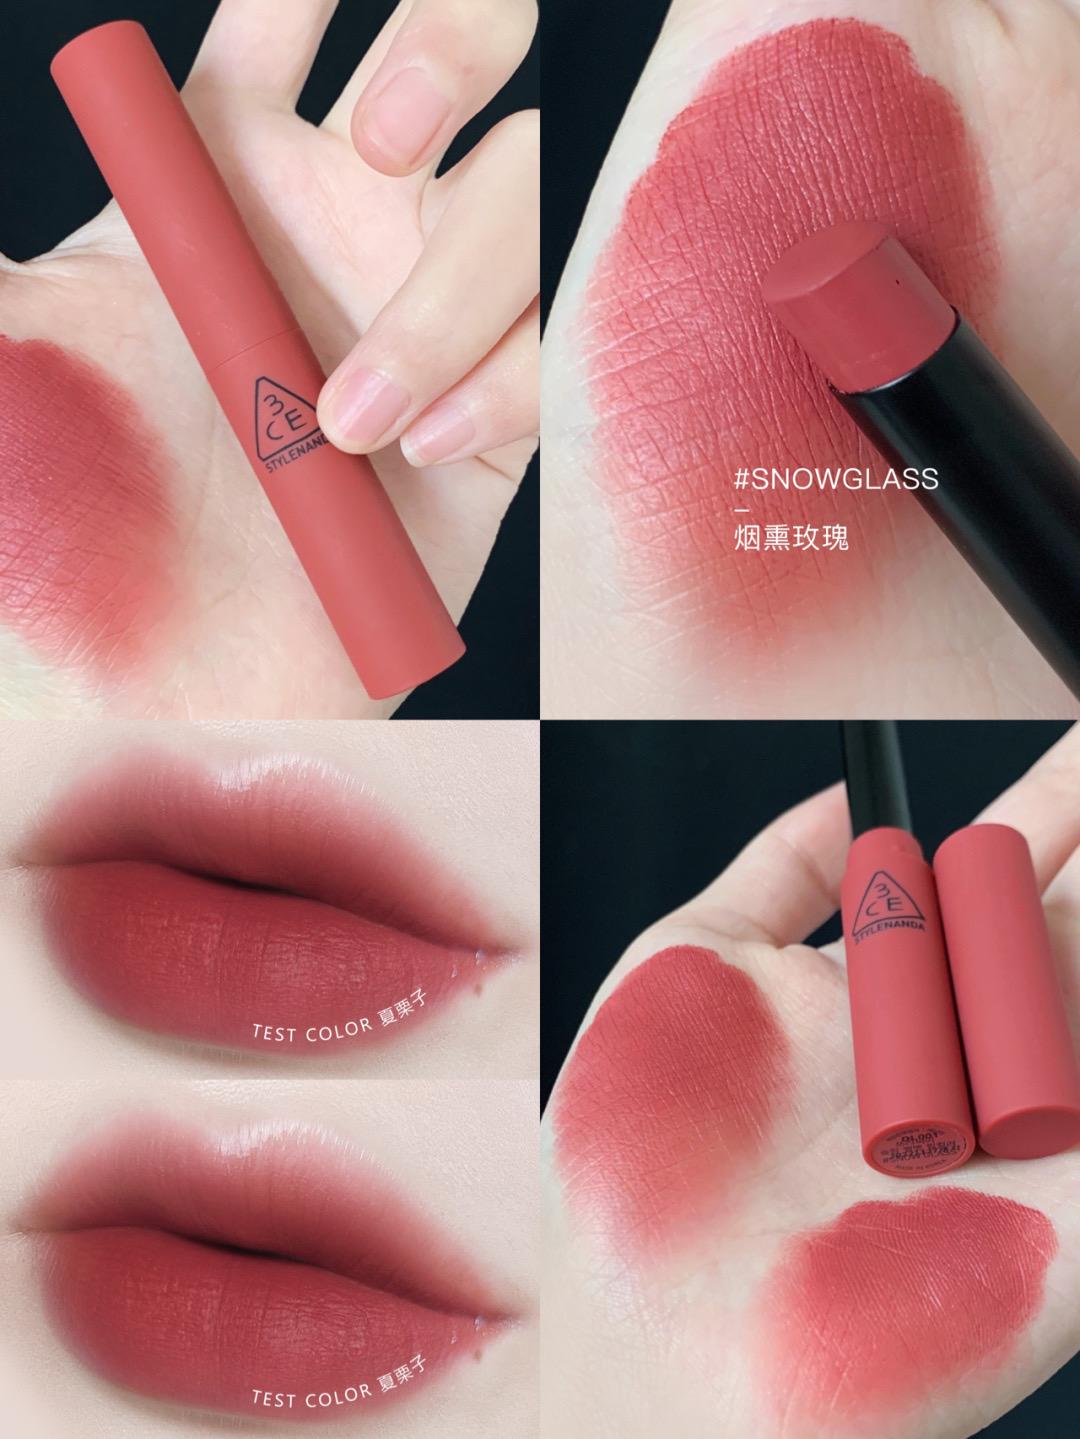 韩国3CE黑细管烟管FLUFFY RED/PLAIN/SIMPLE STAY哑光丝绒口红图片